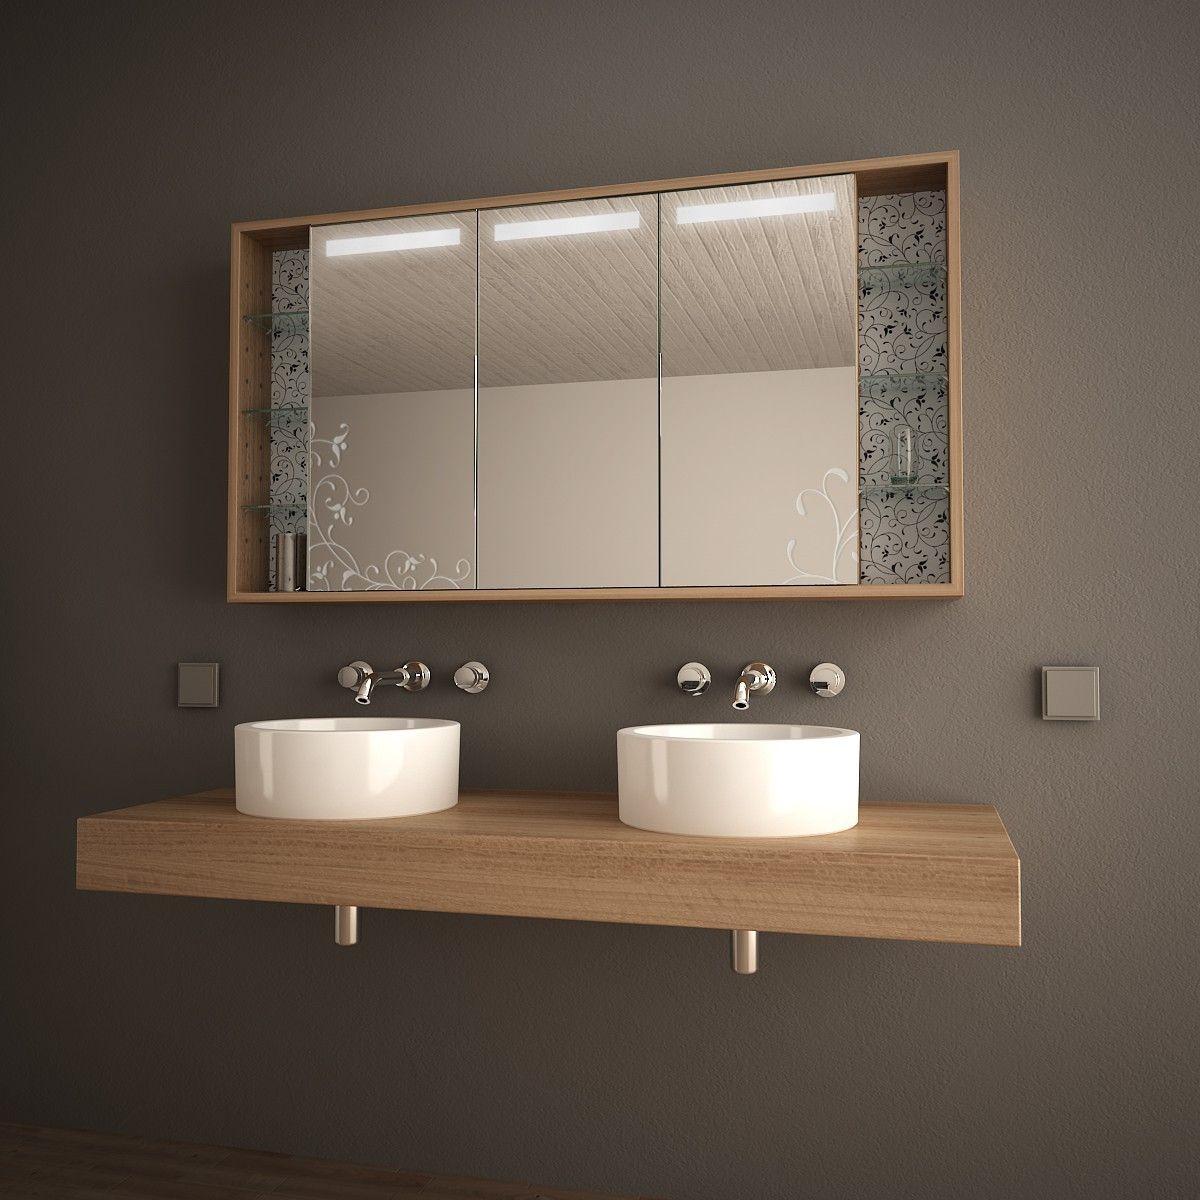 spiegelschrank mit floralem motiv fleur bewerten | unser häuschen, Hause ideen